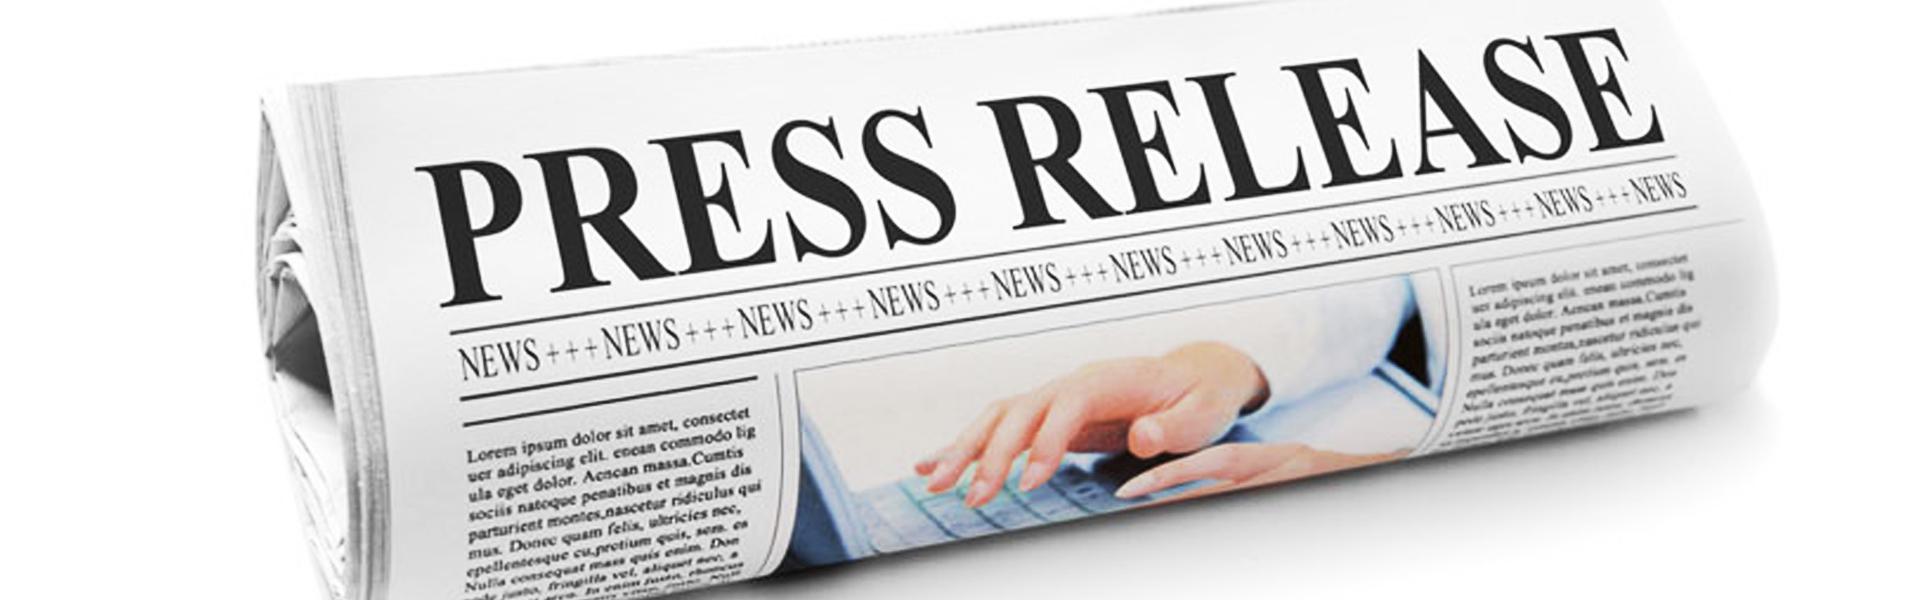 are press releases still relevant in 2017 brite advice blog